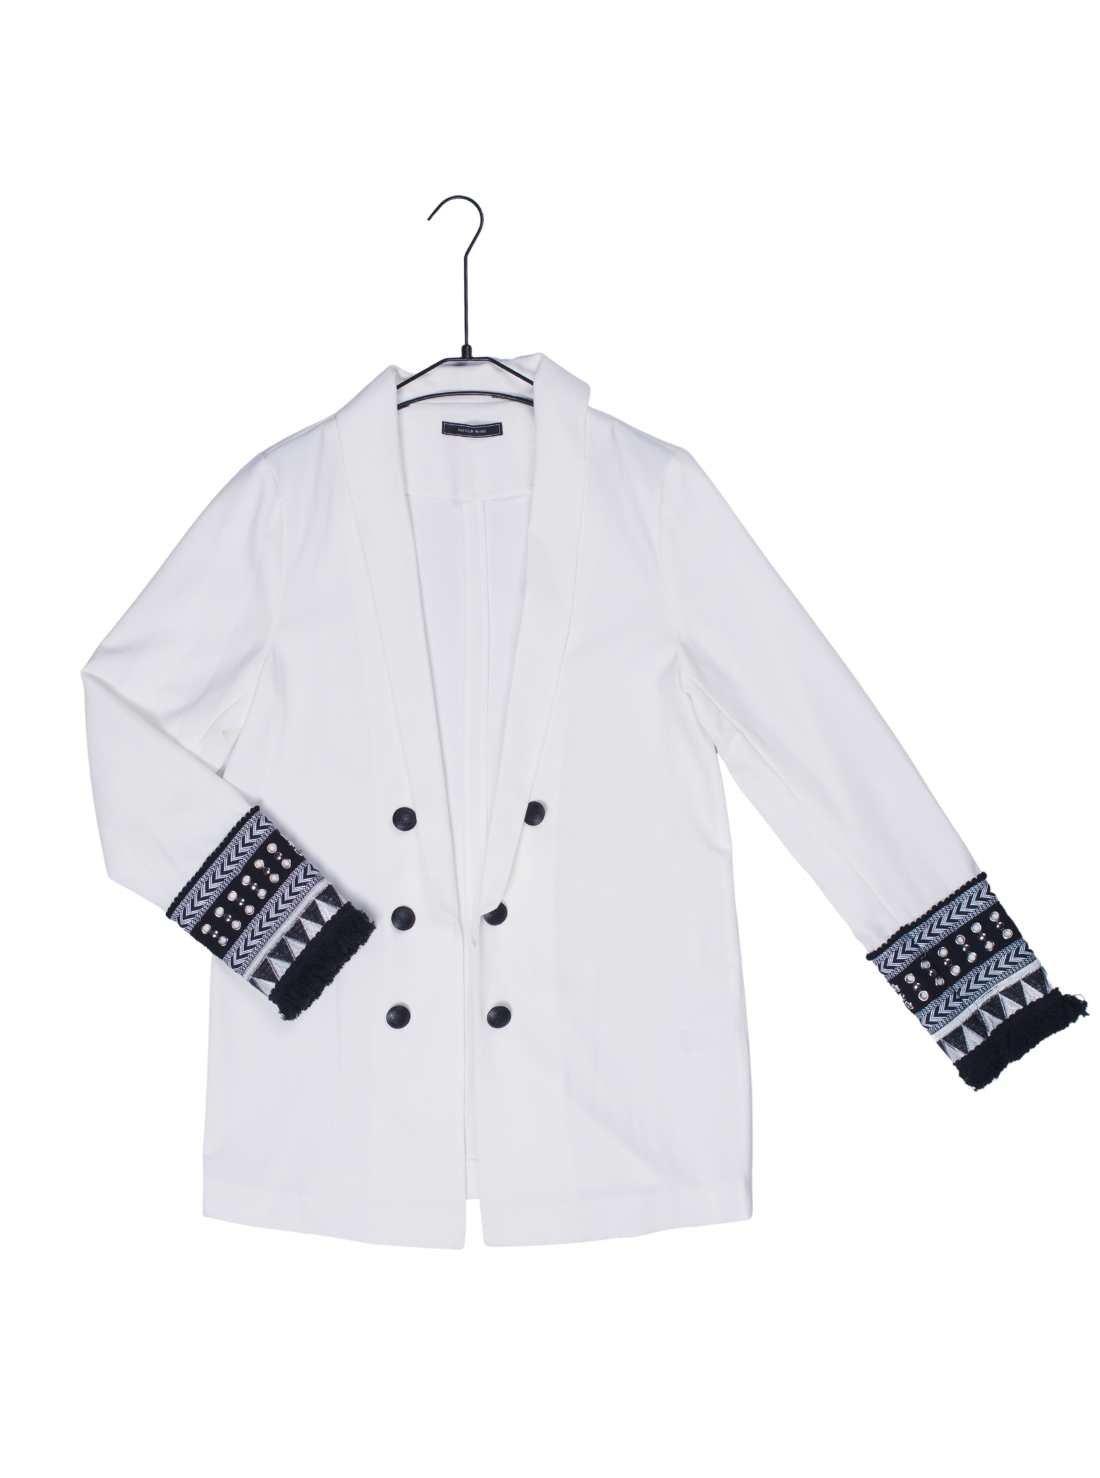 Ladies White Suit Blazer with Special Trim at Cuffs